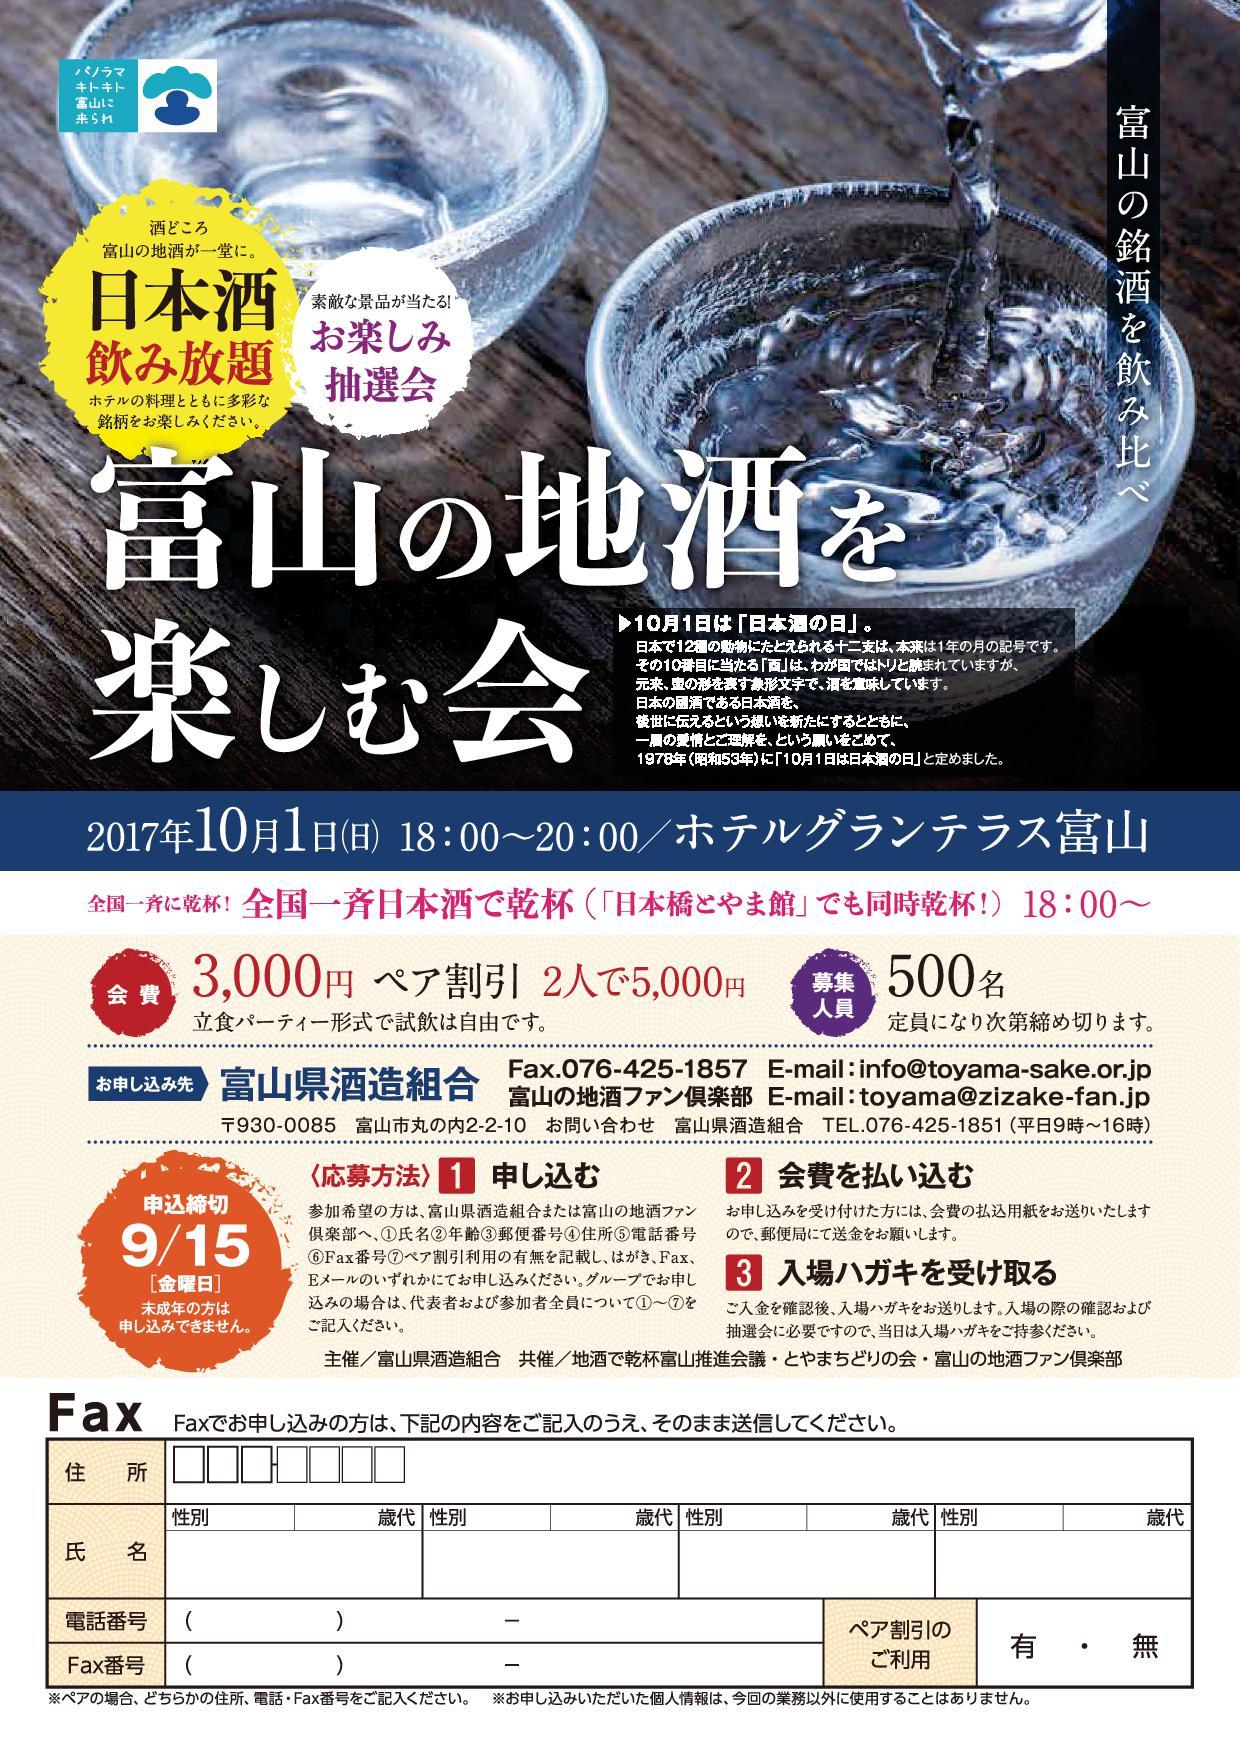 富山の地酒を楽しむ会_A4_1707